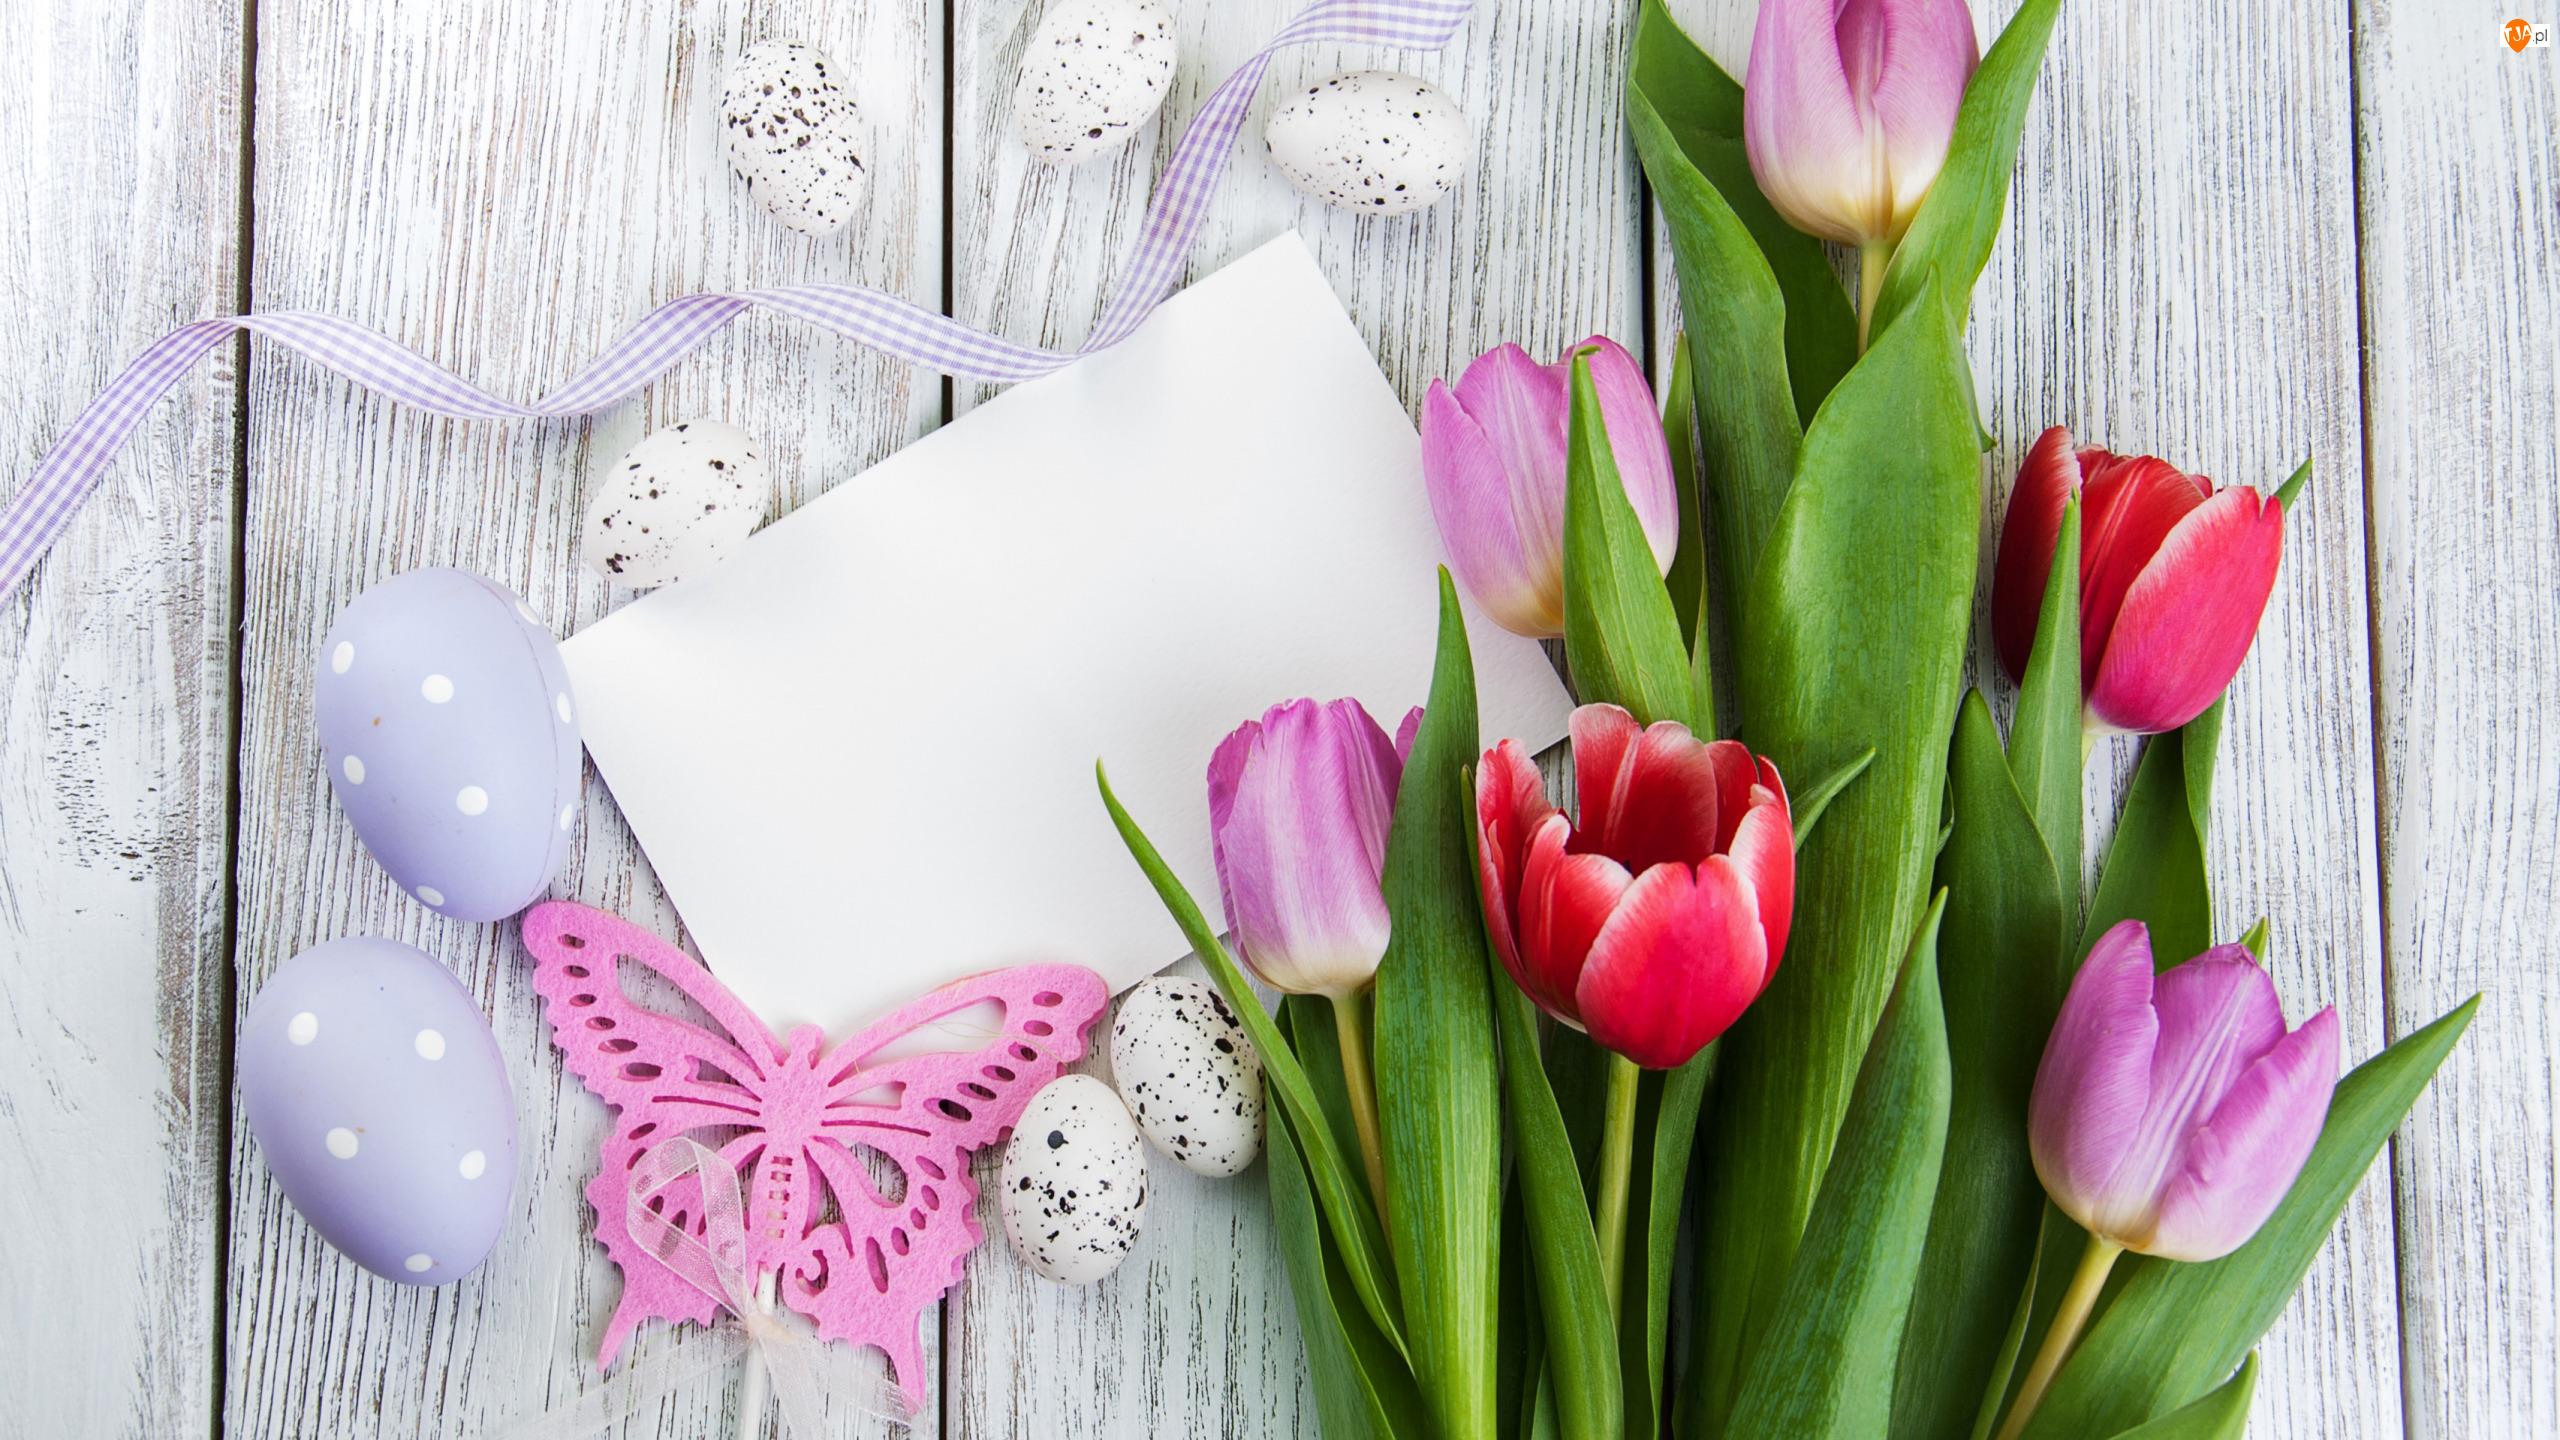 Pisanki, Wstążka, Tulipany, Wielkanoc, Motylek